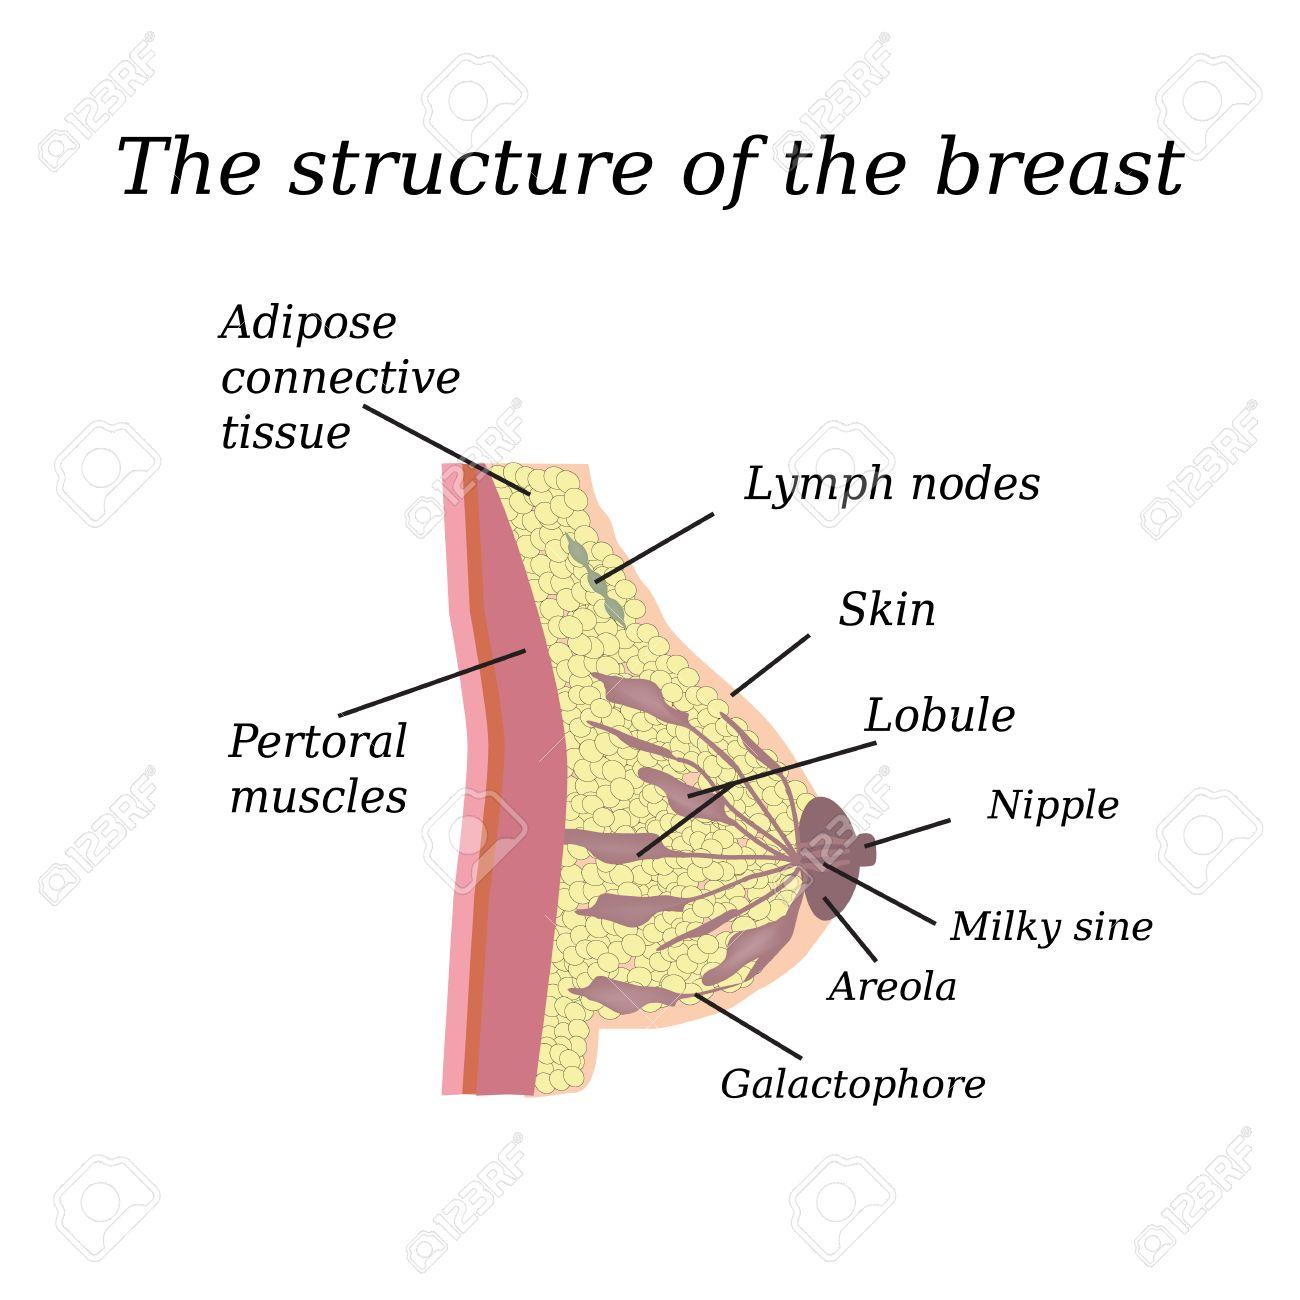 Ungewöhnlich Anatomie Der Brustdrüse Der Kuh Fotos - Anatomie Ideen ...